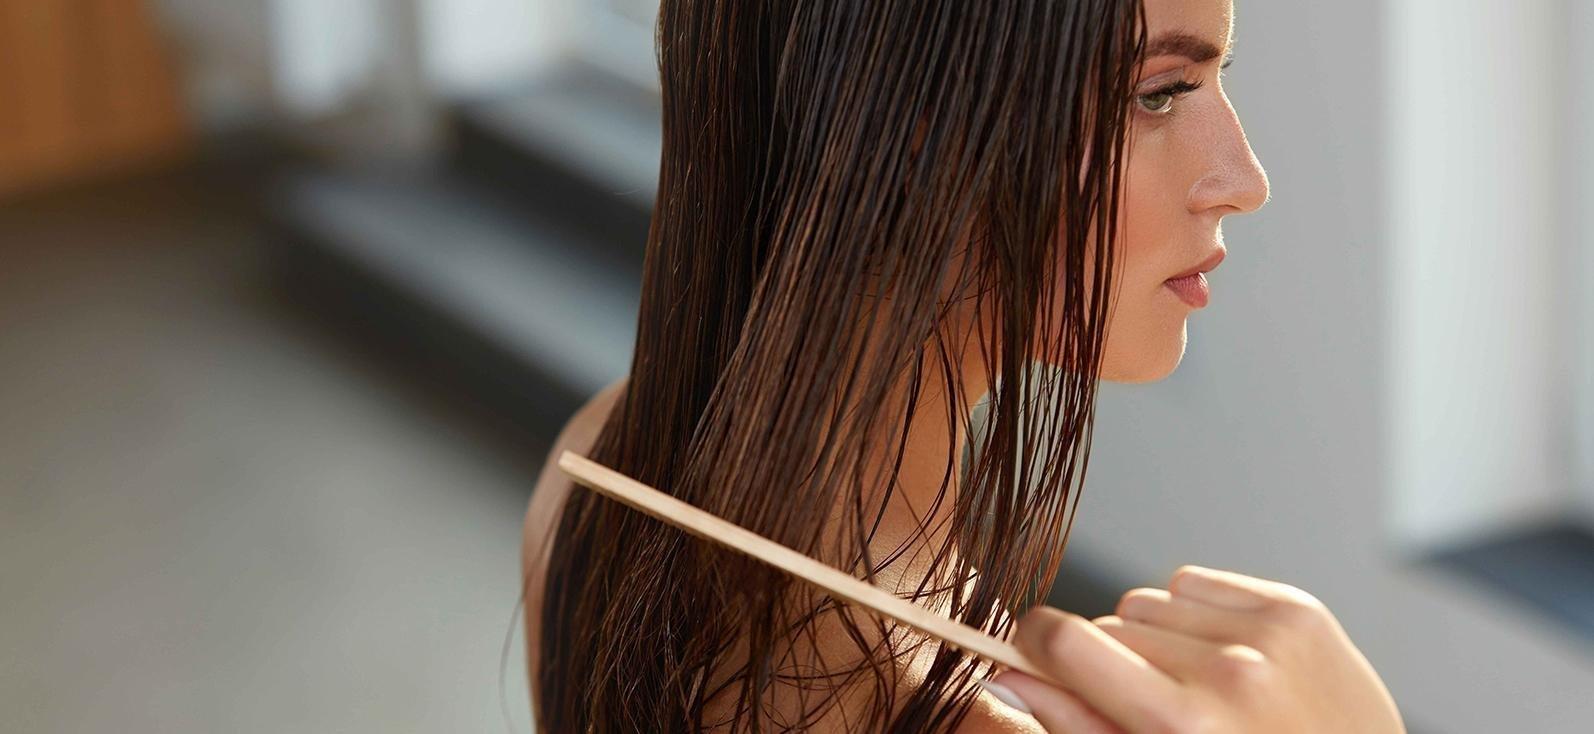 Правильное нанесение маски для чувствительной кожи головы